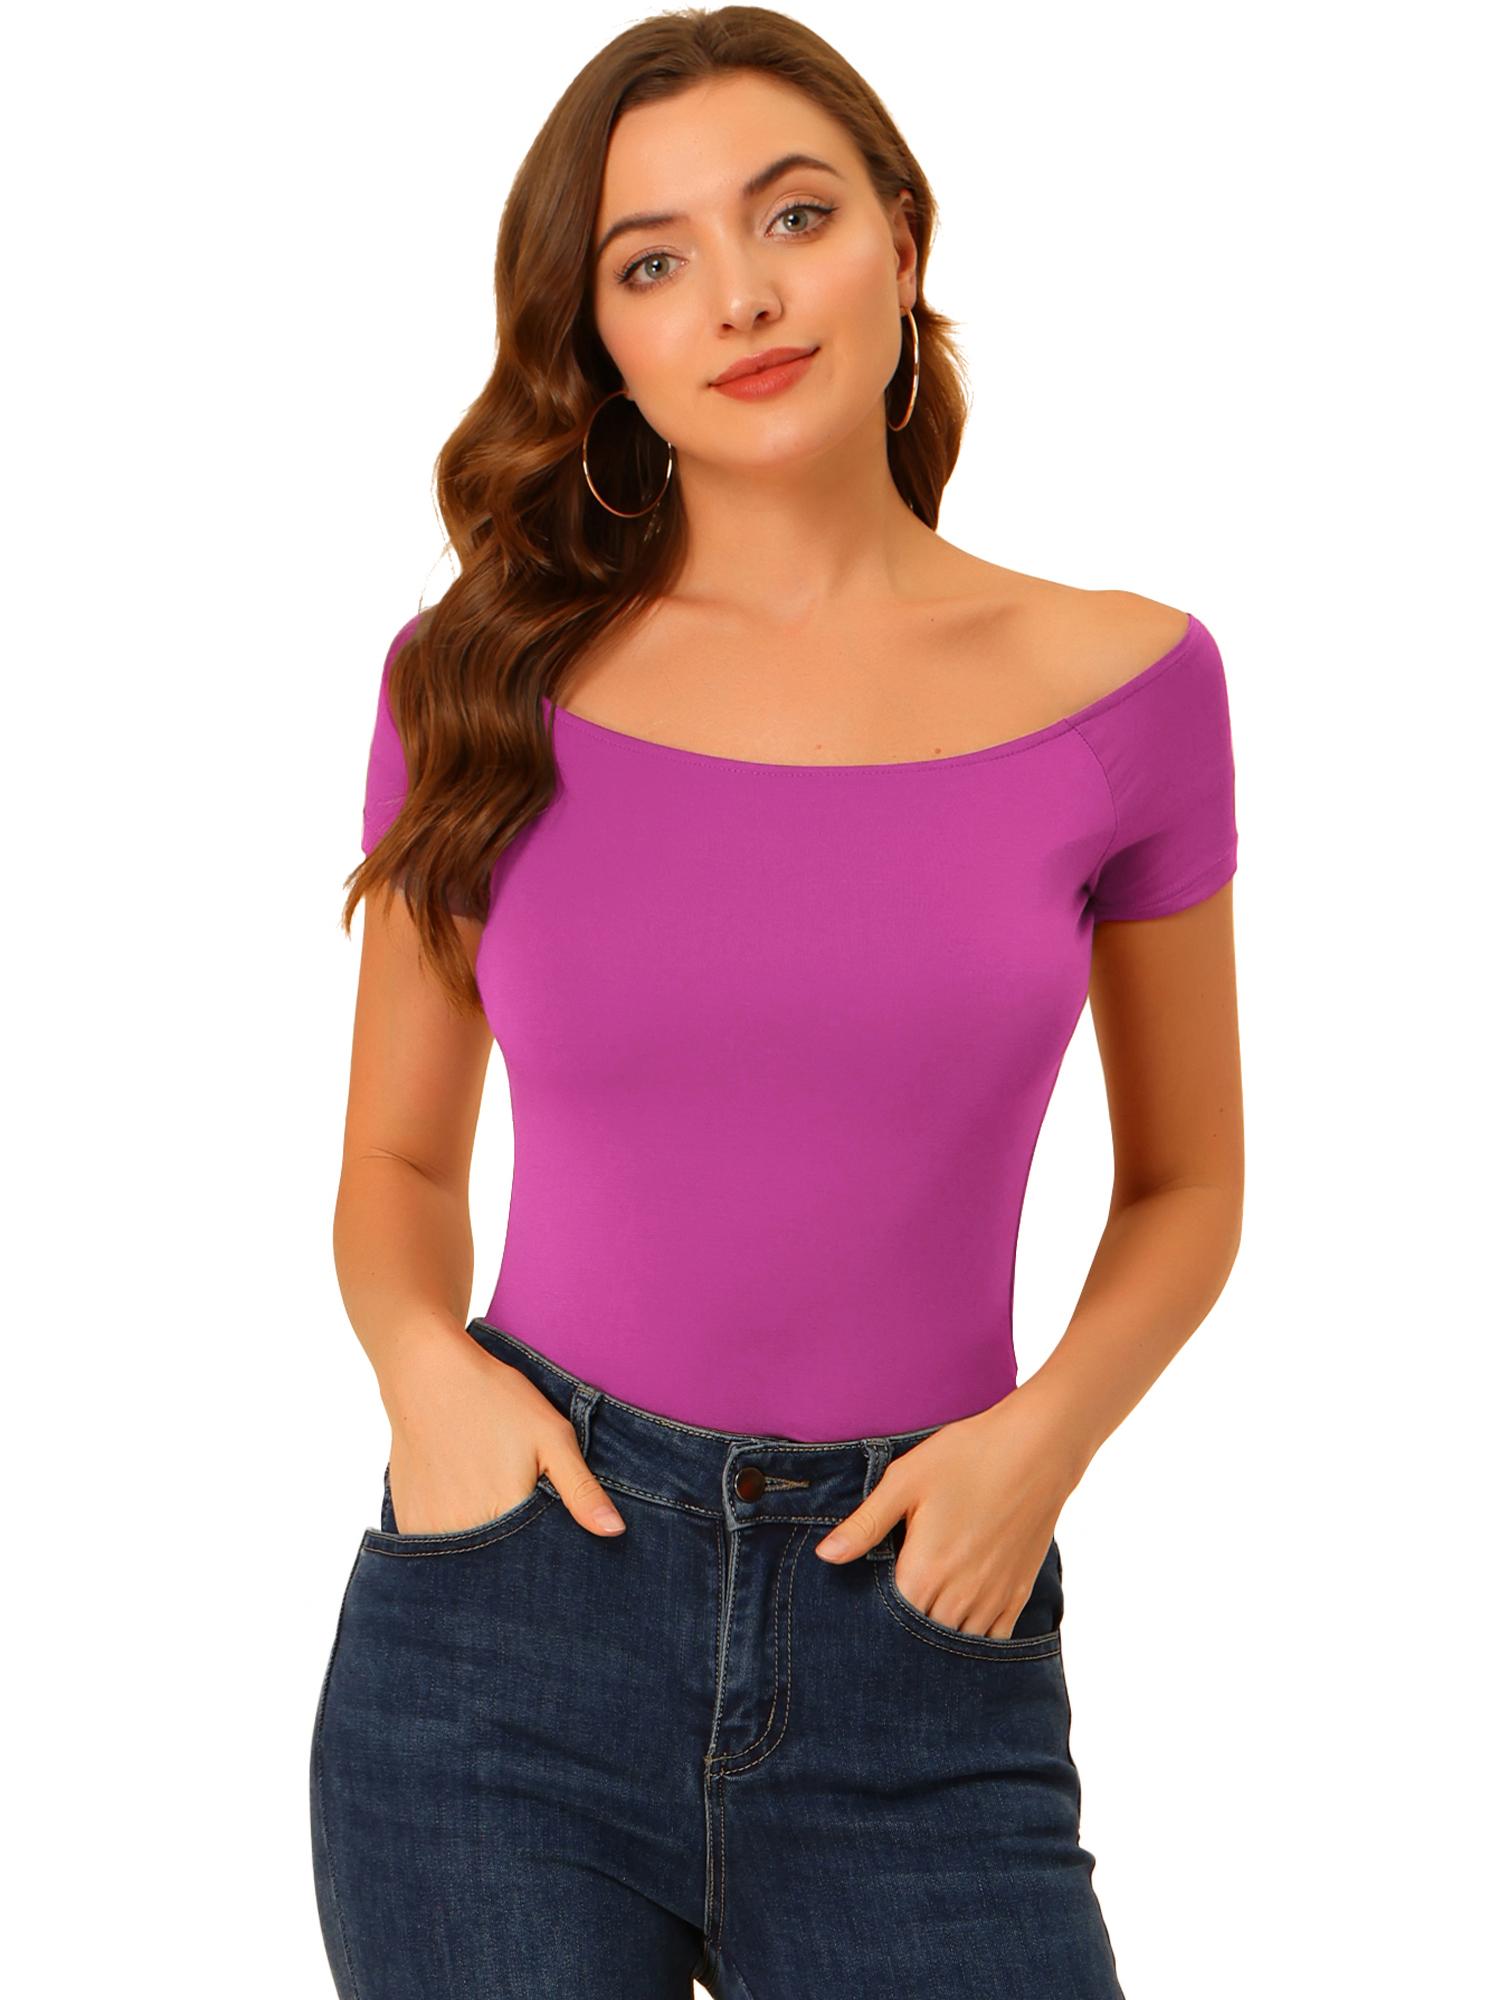 Allegra K Women Short Sleeves Slim Fit Off the Shoulder Top Violet M